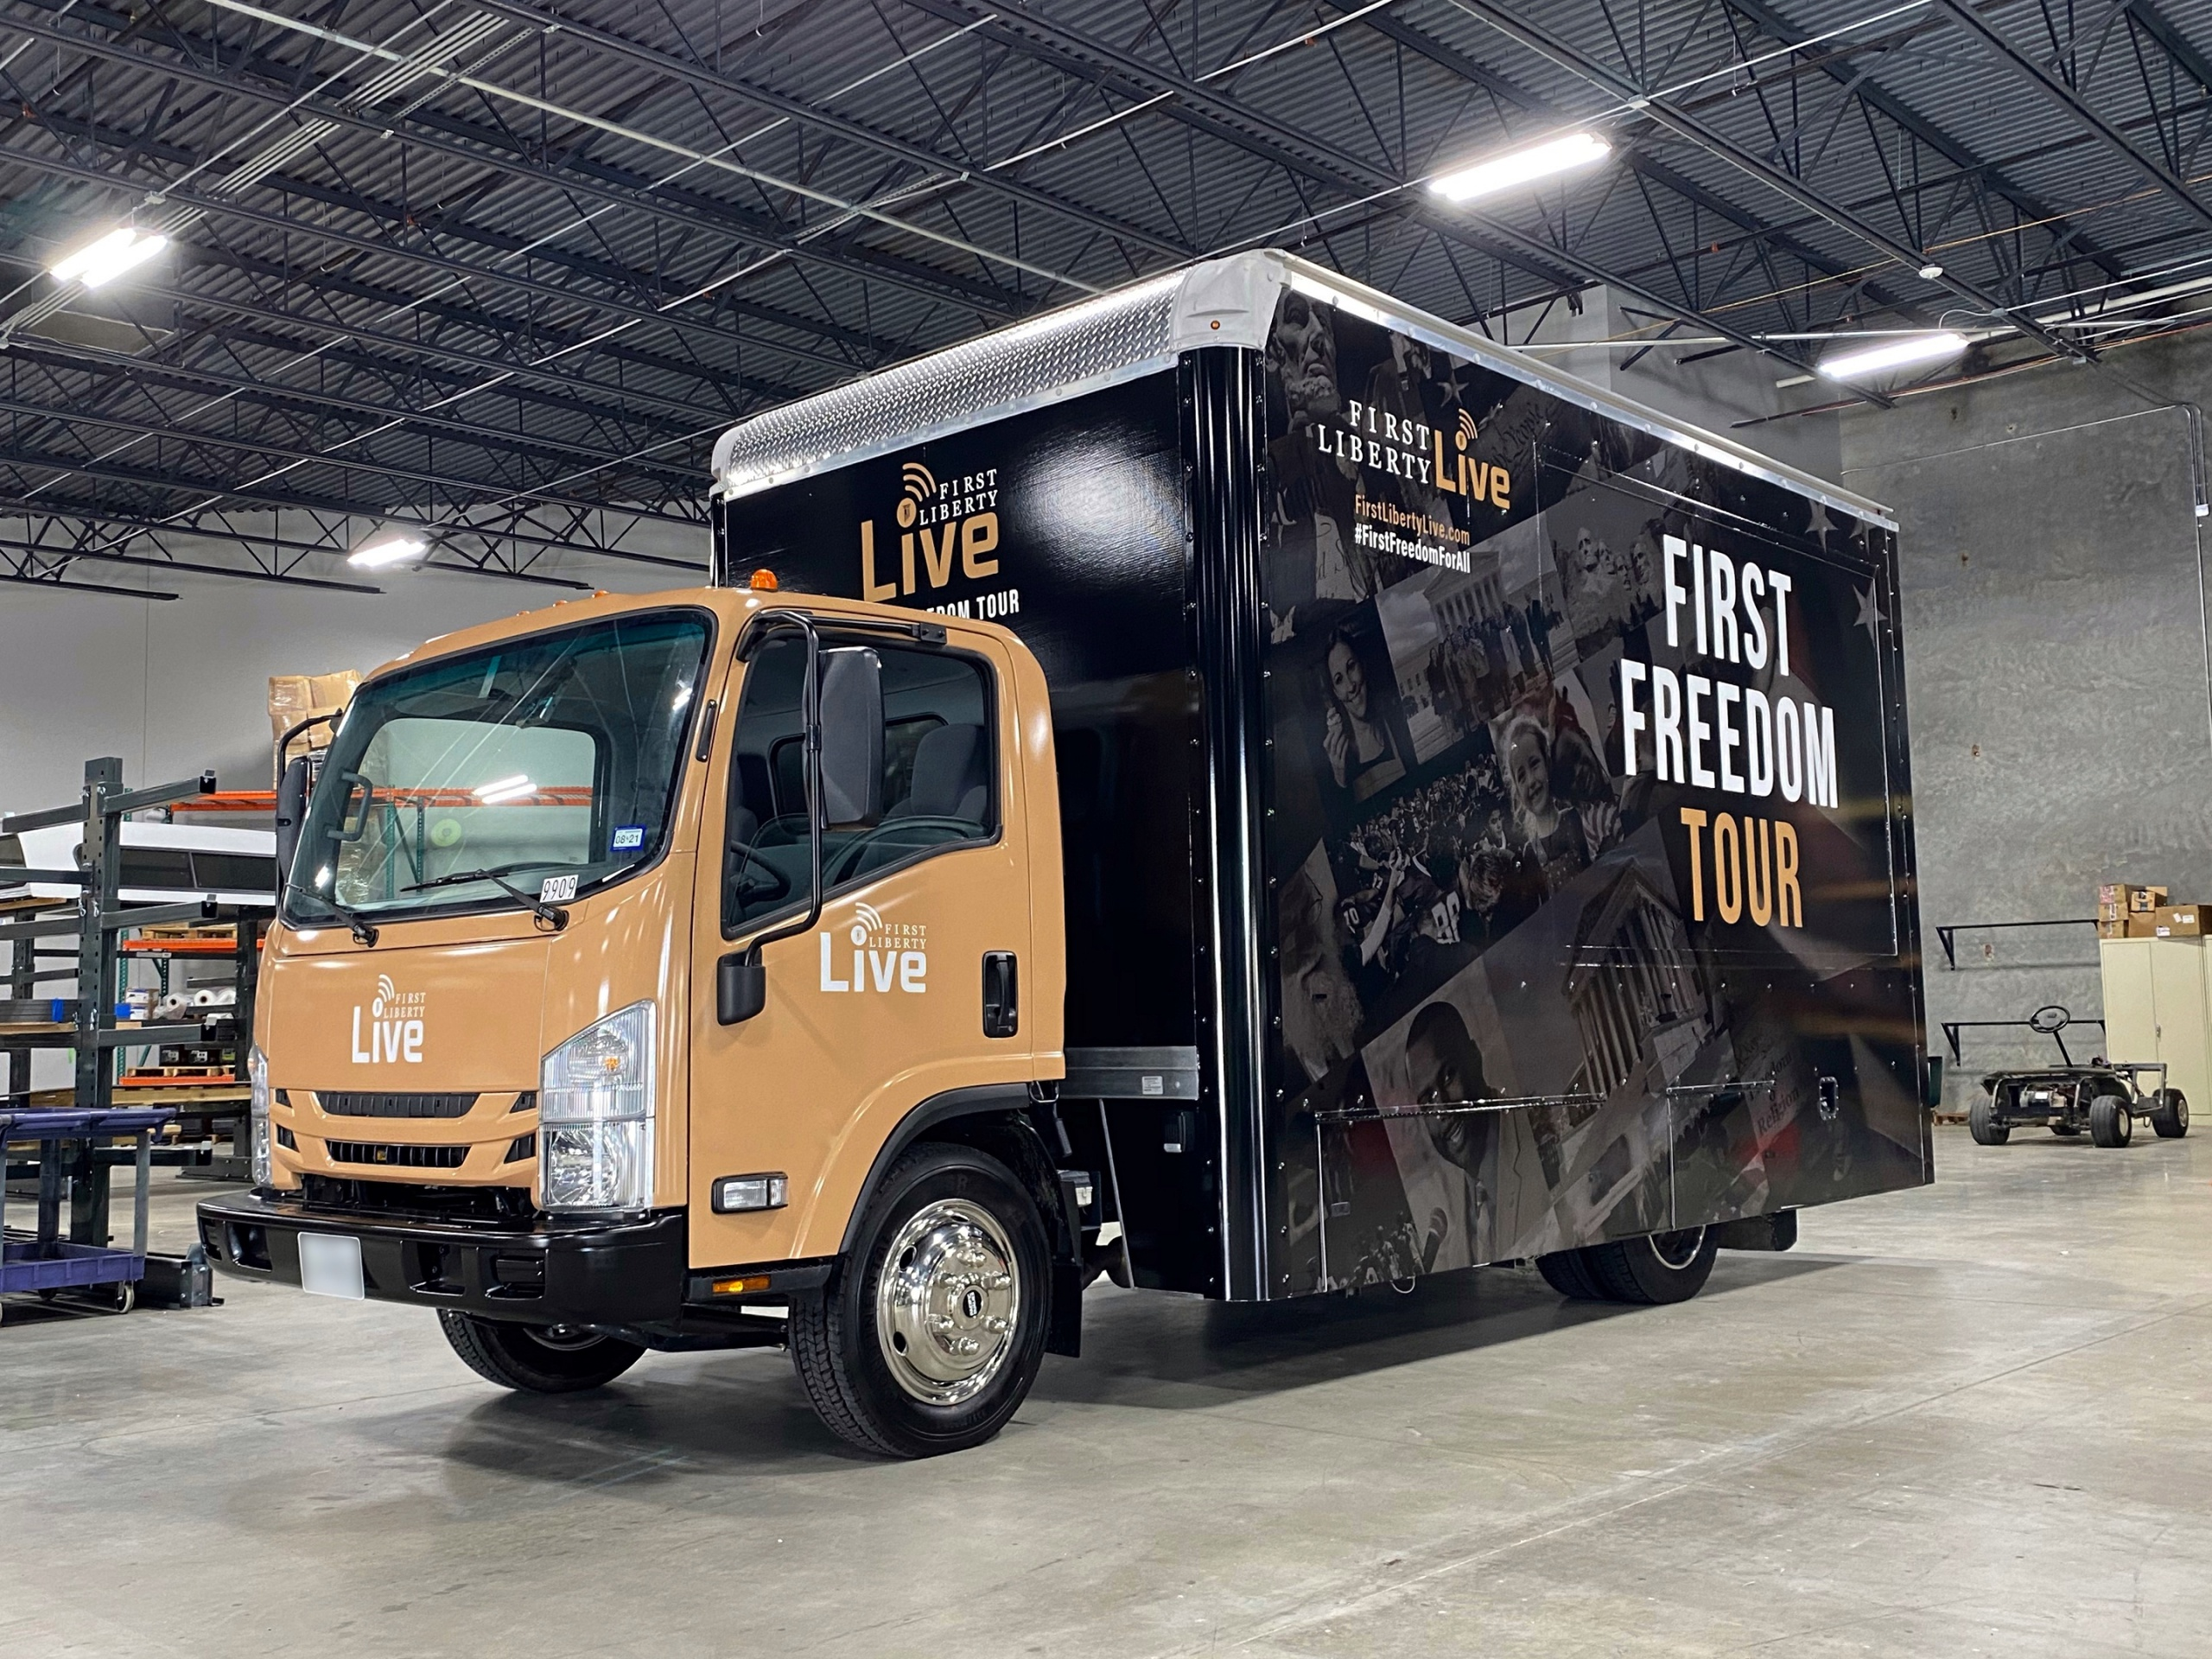 16 foot glass display truck